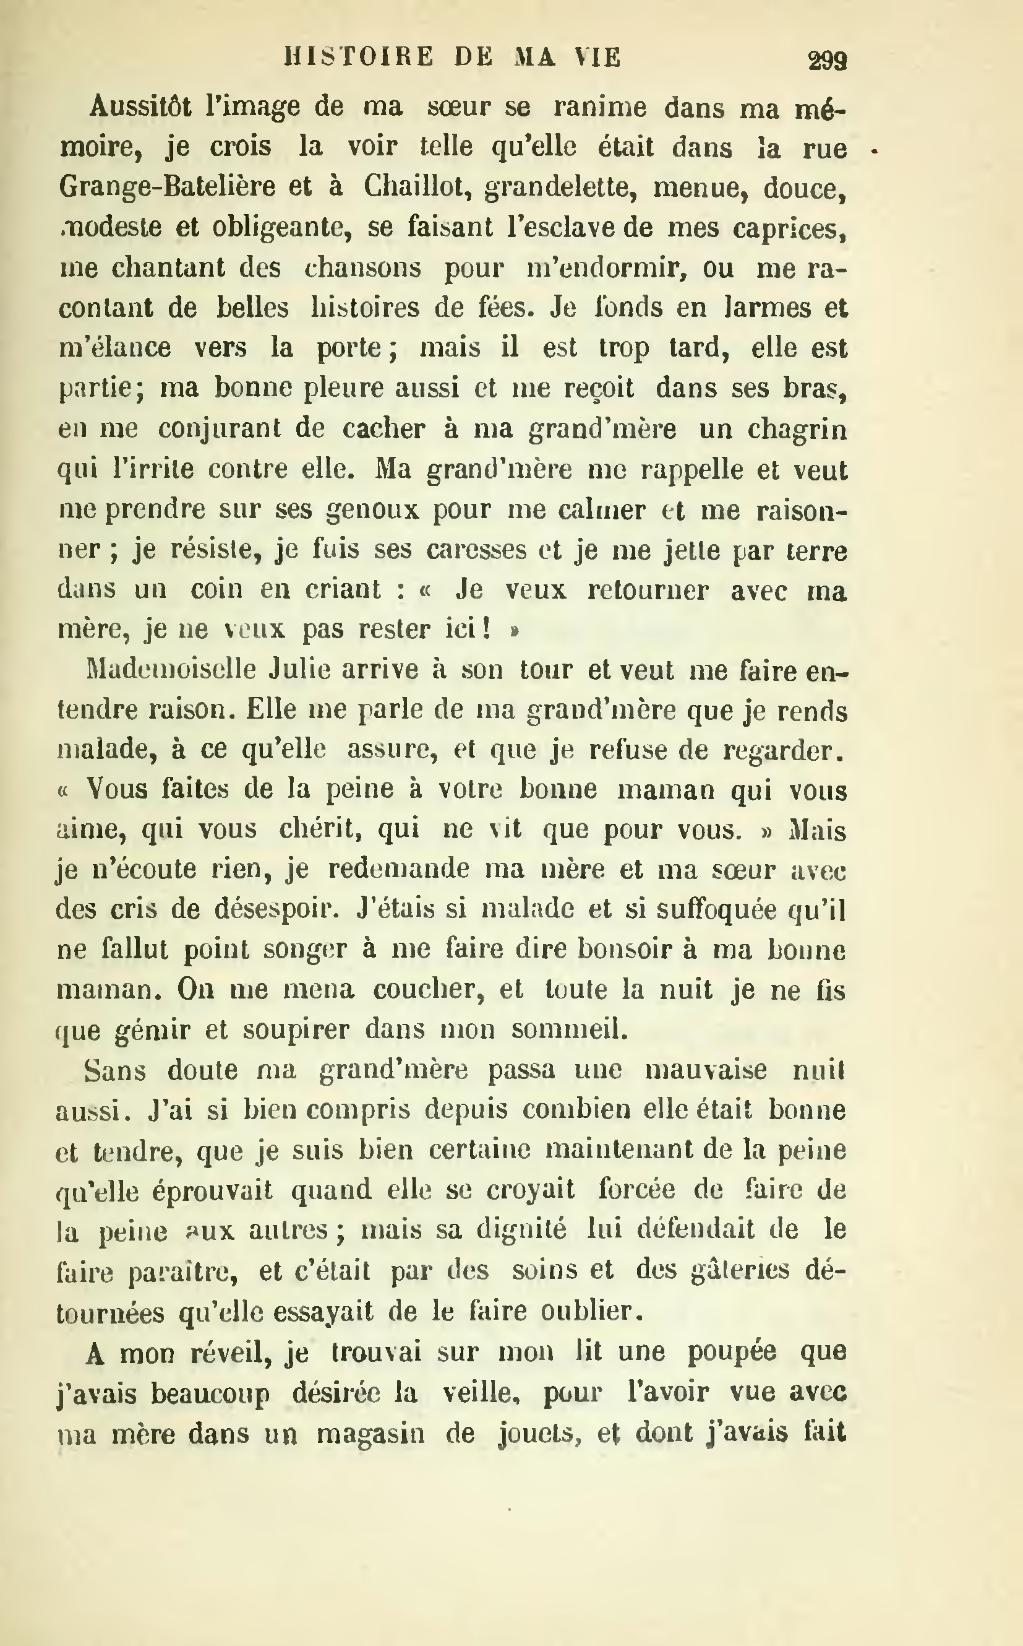 Page Sand Histoire De Ma Vie Tome 2 Djvu 309 Wikisource